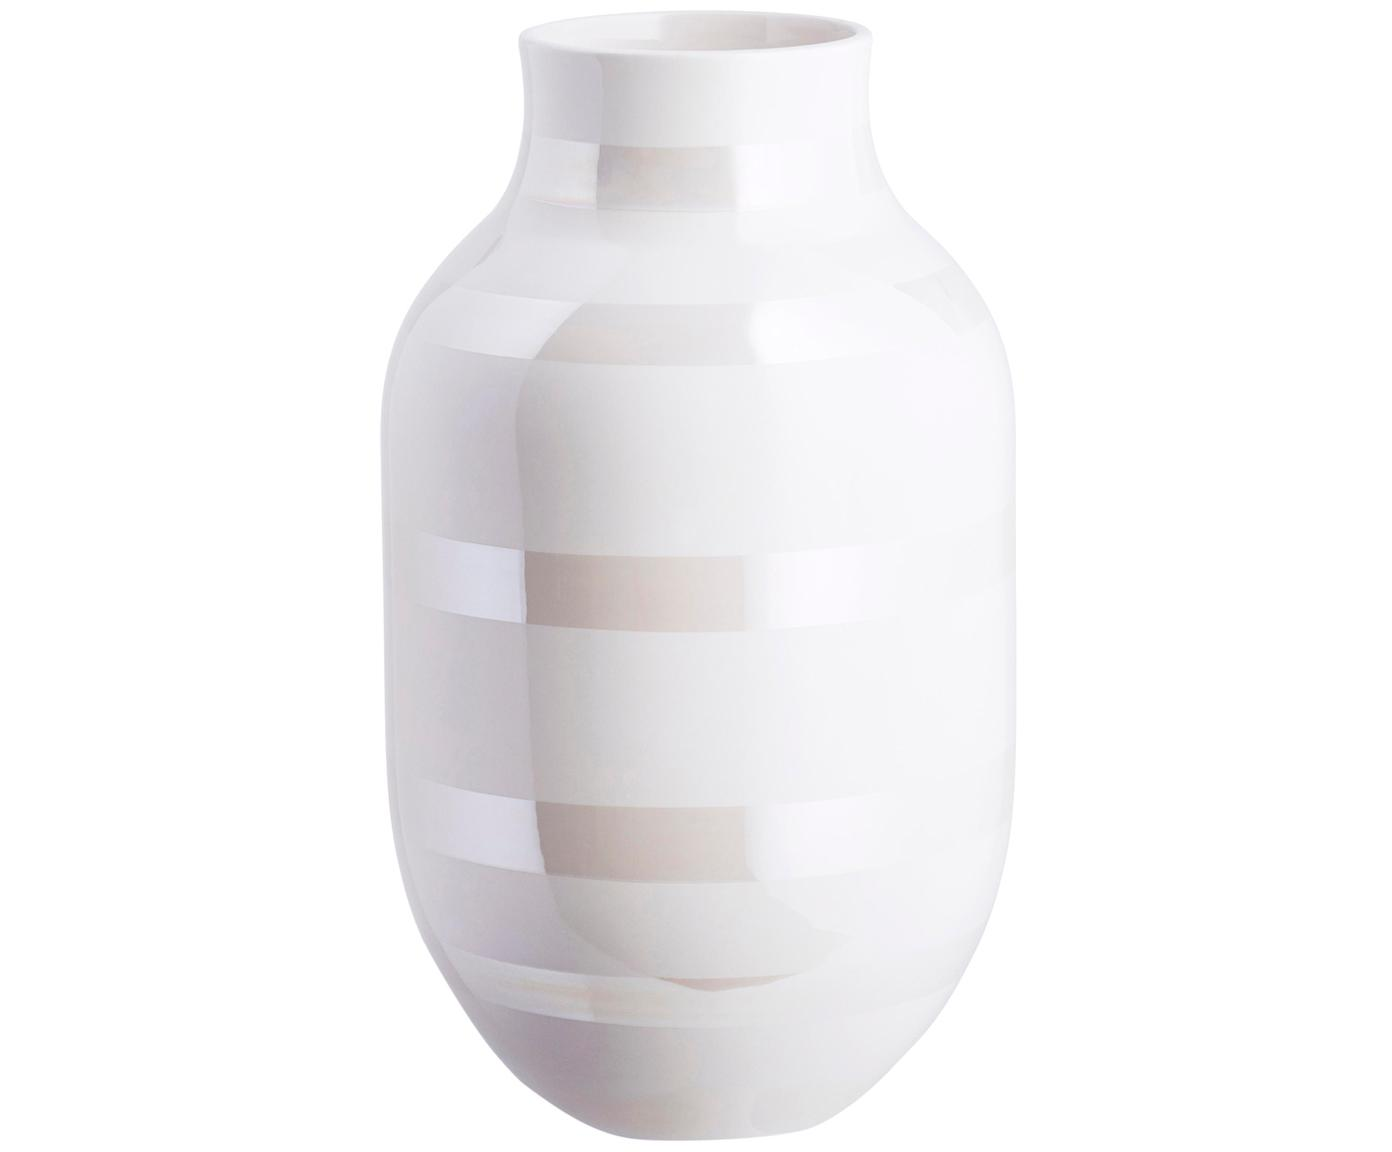 Grosse handgefertigte Design-Vase Omaggio, Keramik, Weiss, Perlmuttfarben, Ø 20 x H 31 cm